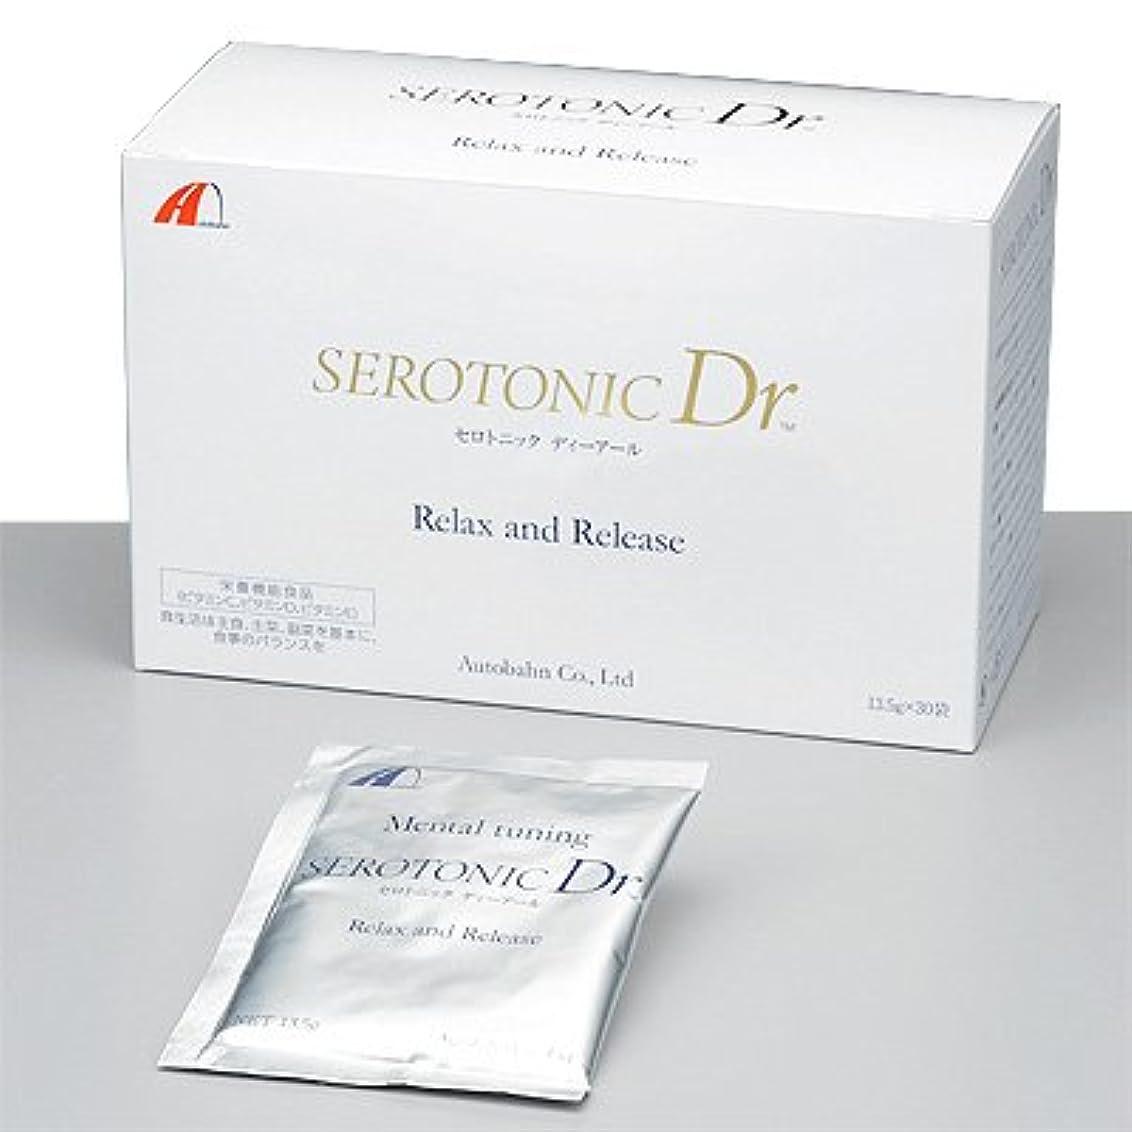 格納神秘的な深くセロトニック ディーアール 120袋 (約60日分) メンタルチューニング サプリメント 栄養機能食品(ビタミンC、ビタミンD、ビタミンE)